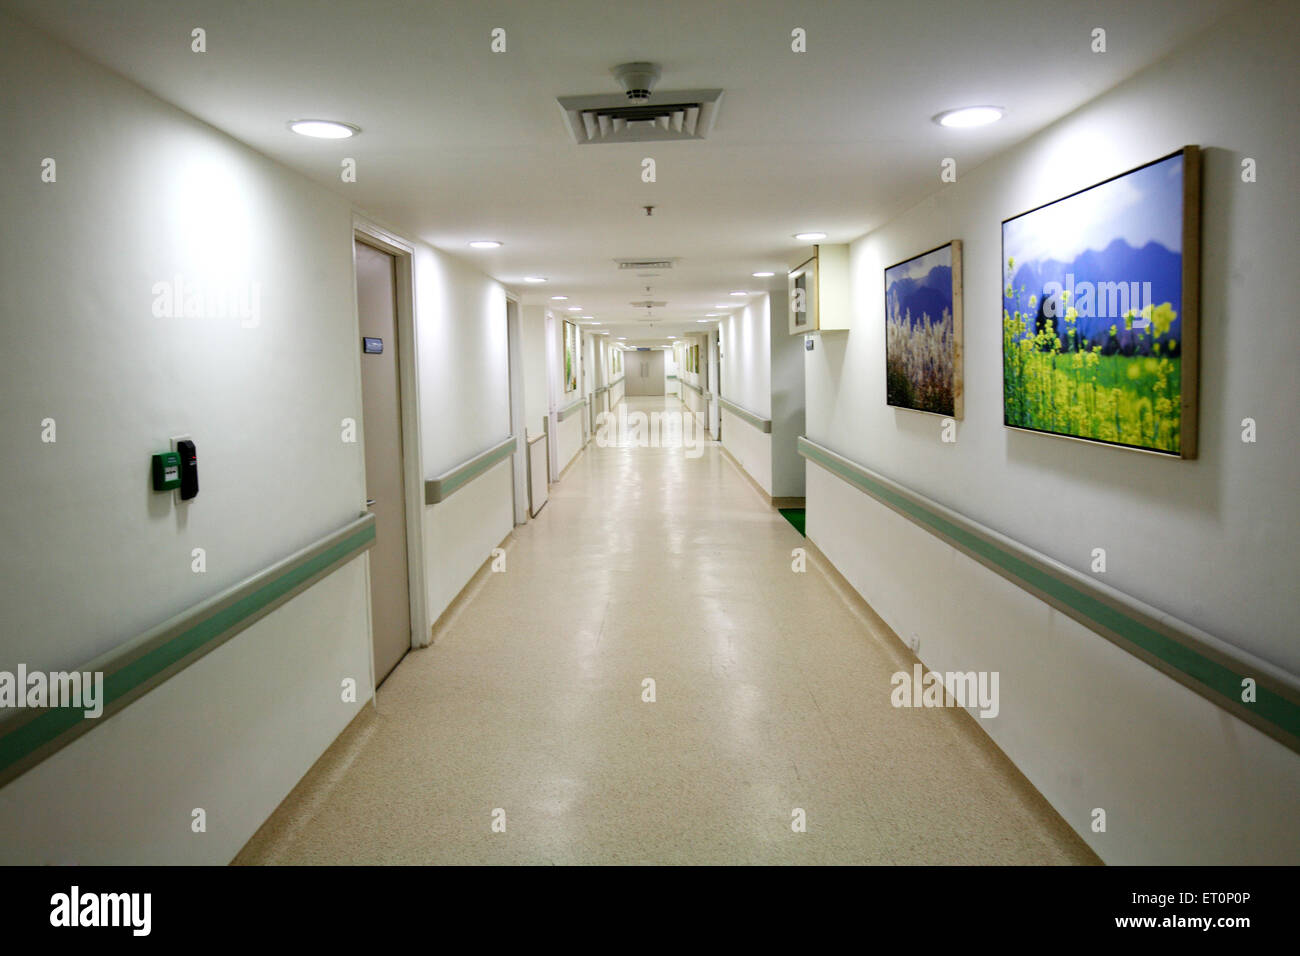 Interior of kokilaben dhirubhai ambani hospital ; Andheri ; Bombay Mumbai ; Maharashtra ; India - Stock Image